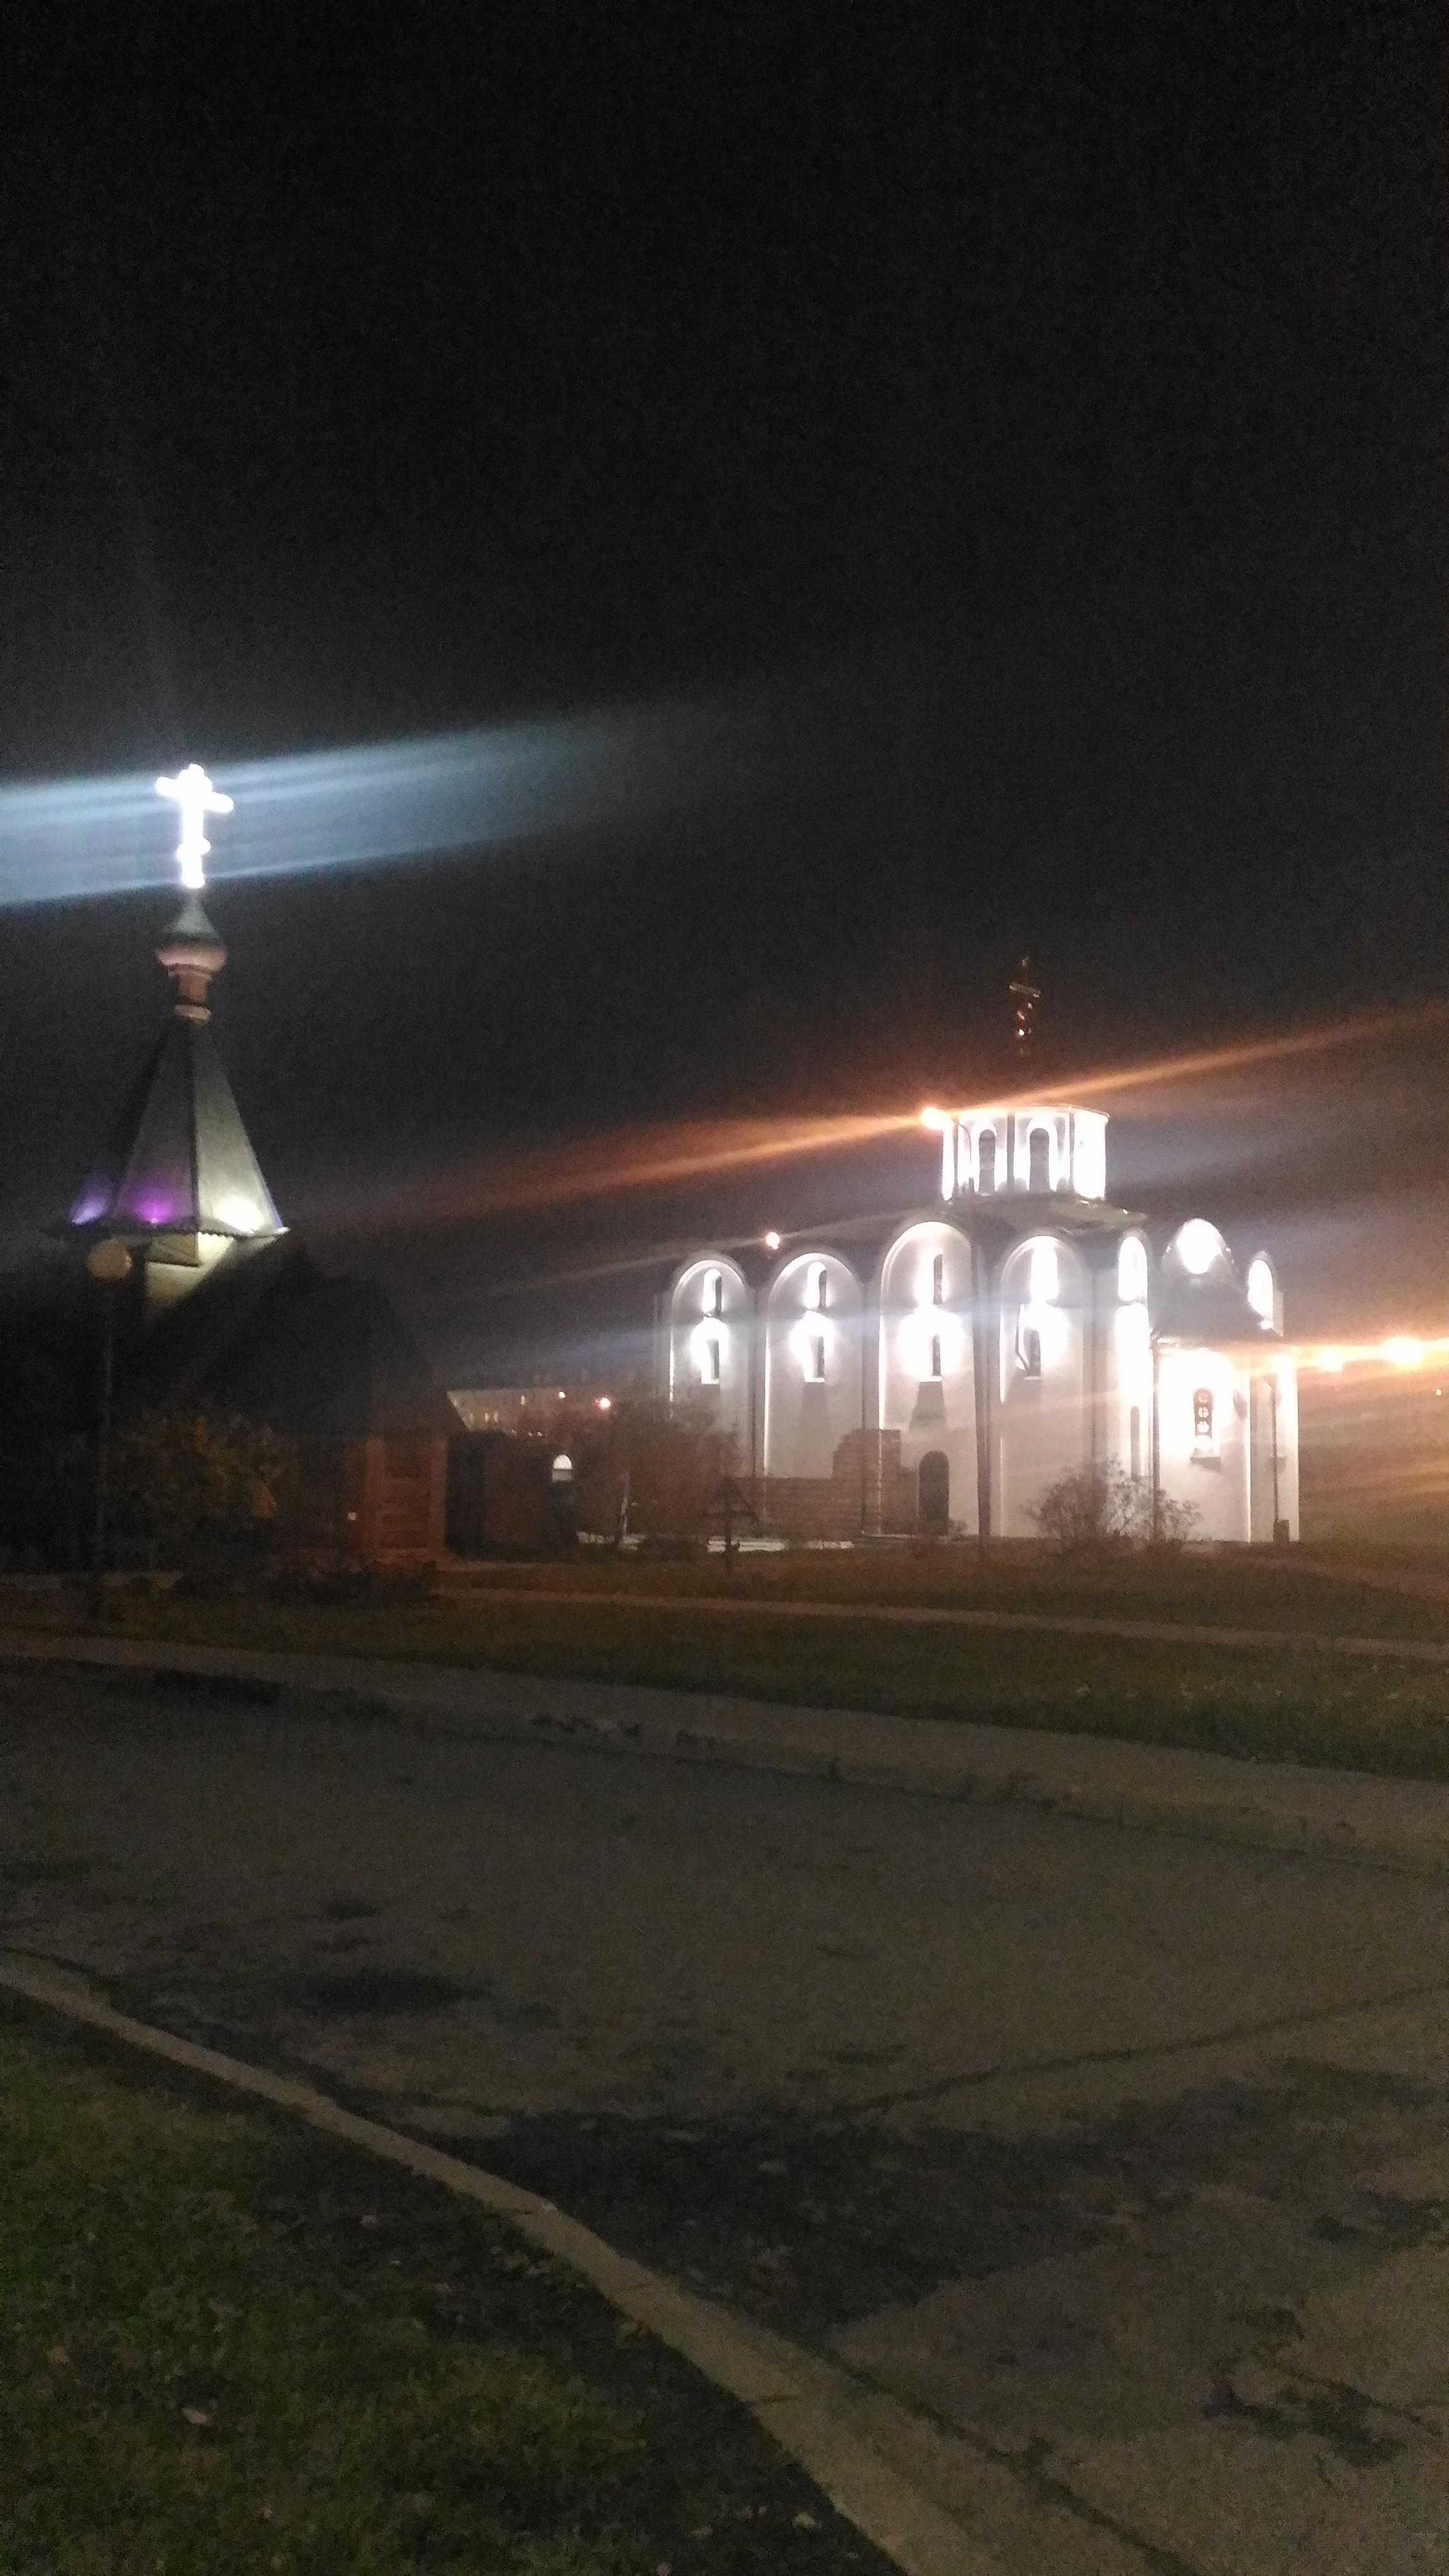 P 20191108 181412 1 - Храм Благовещения Пресвятой Богородицы в Витебске